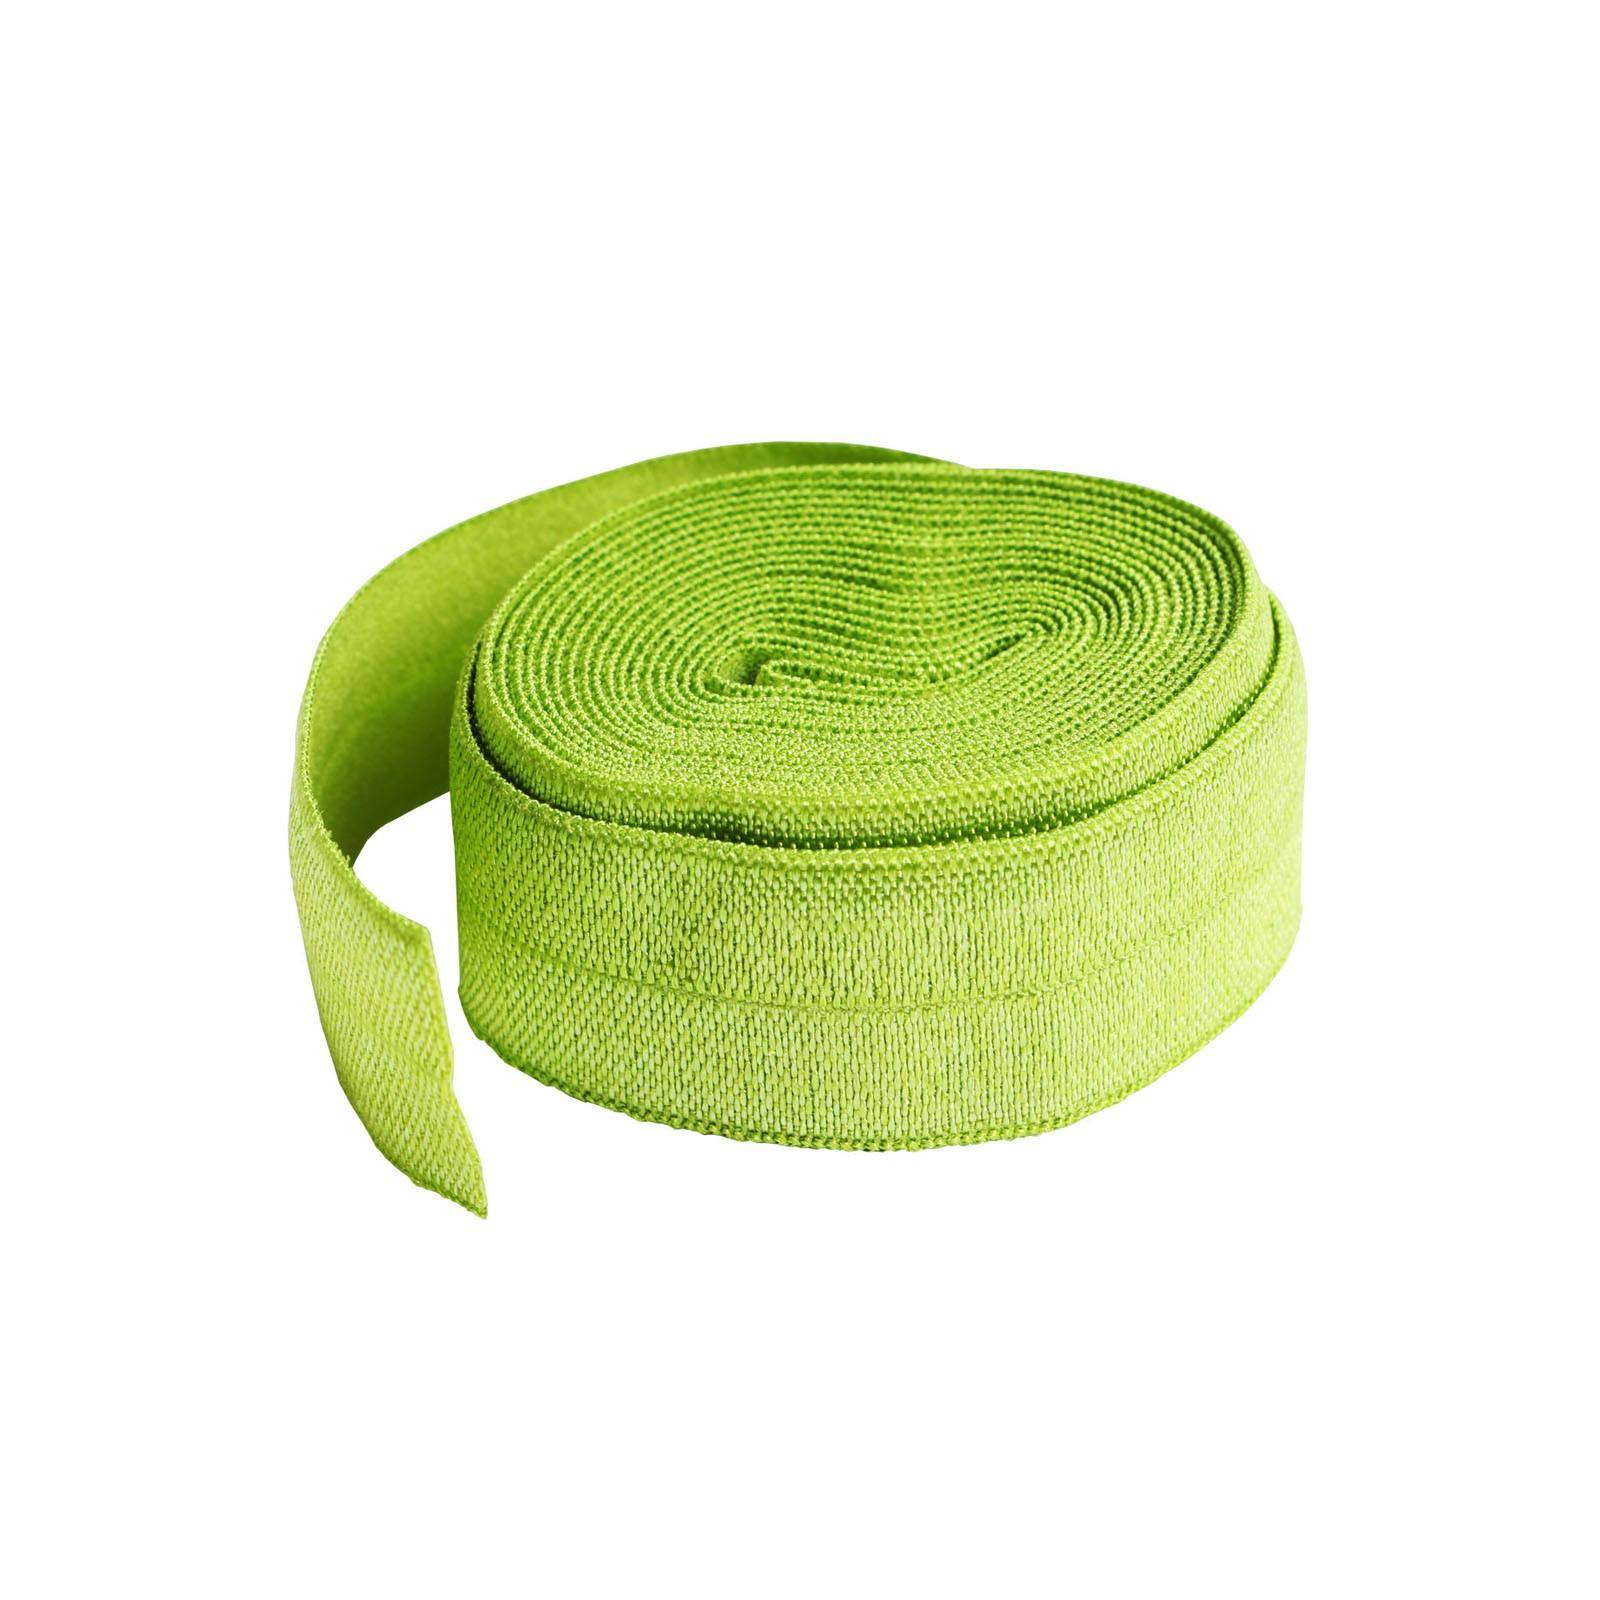 6 Pack Forrest Green Edgeless Microfiber Polishing Cloths